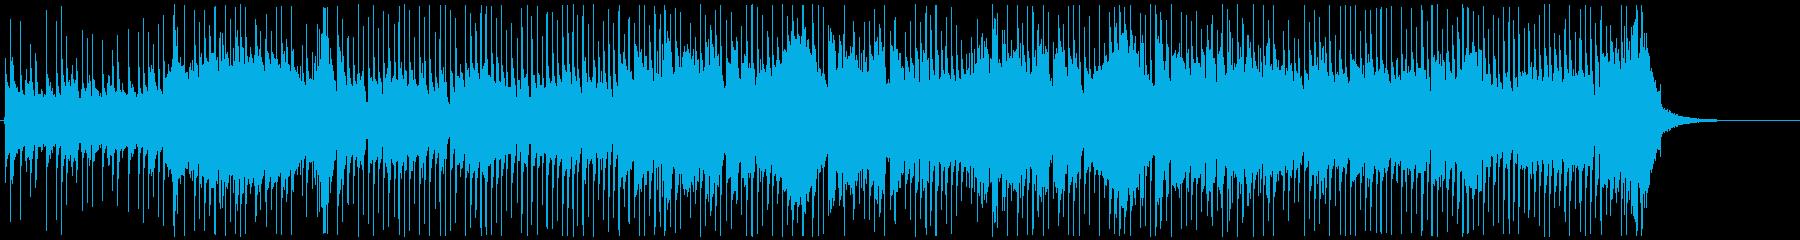 和風VP系3、和楽器ロック、バトル疾走Bの再生済みの波形